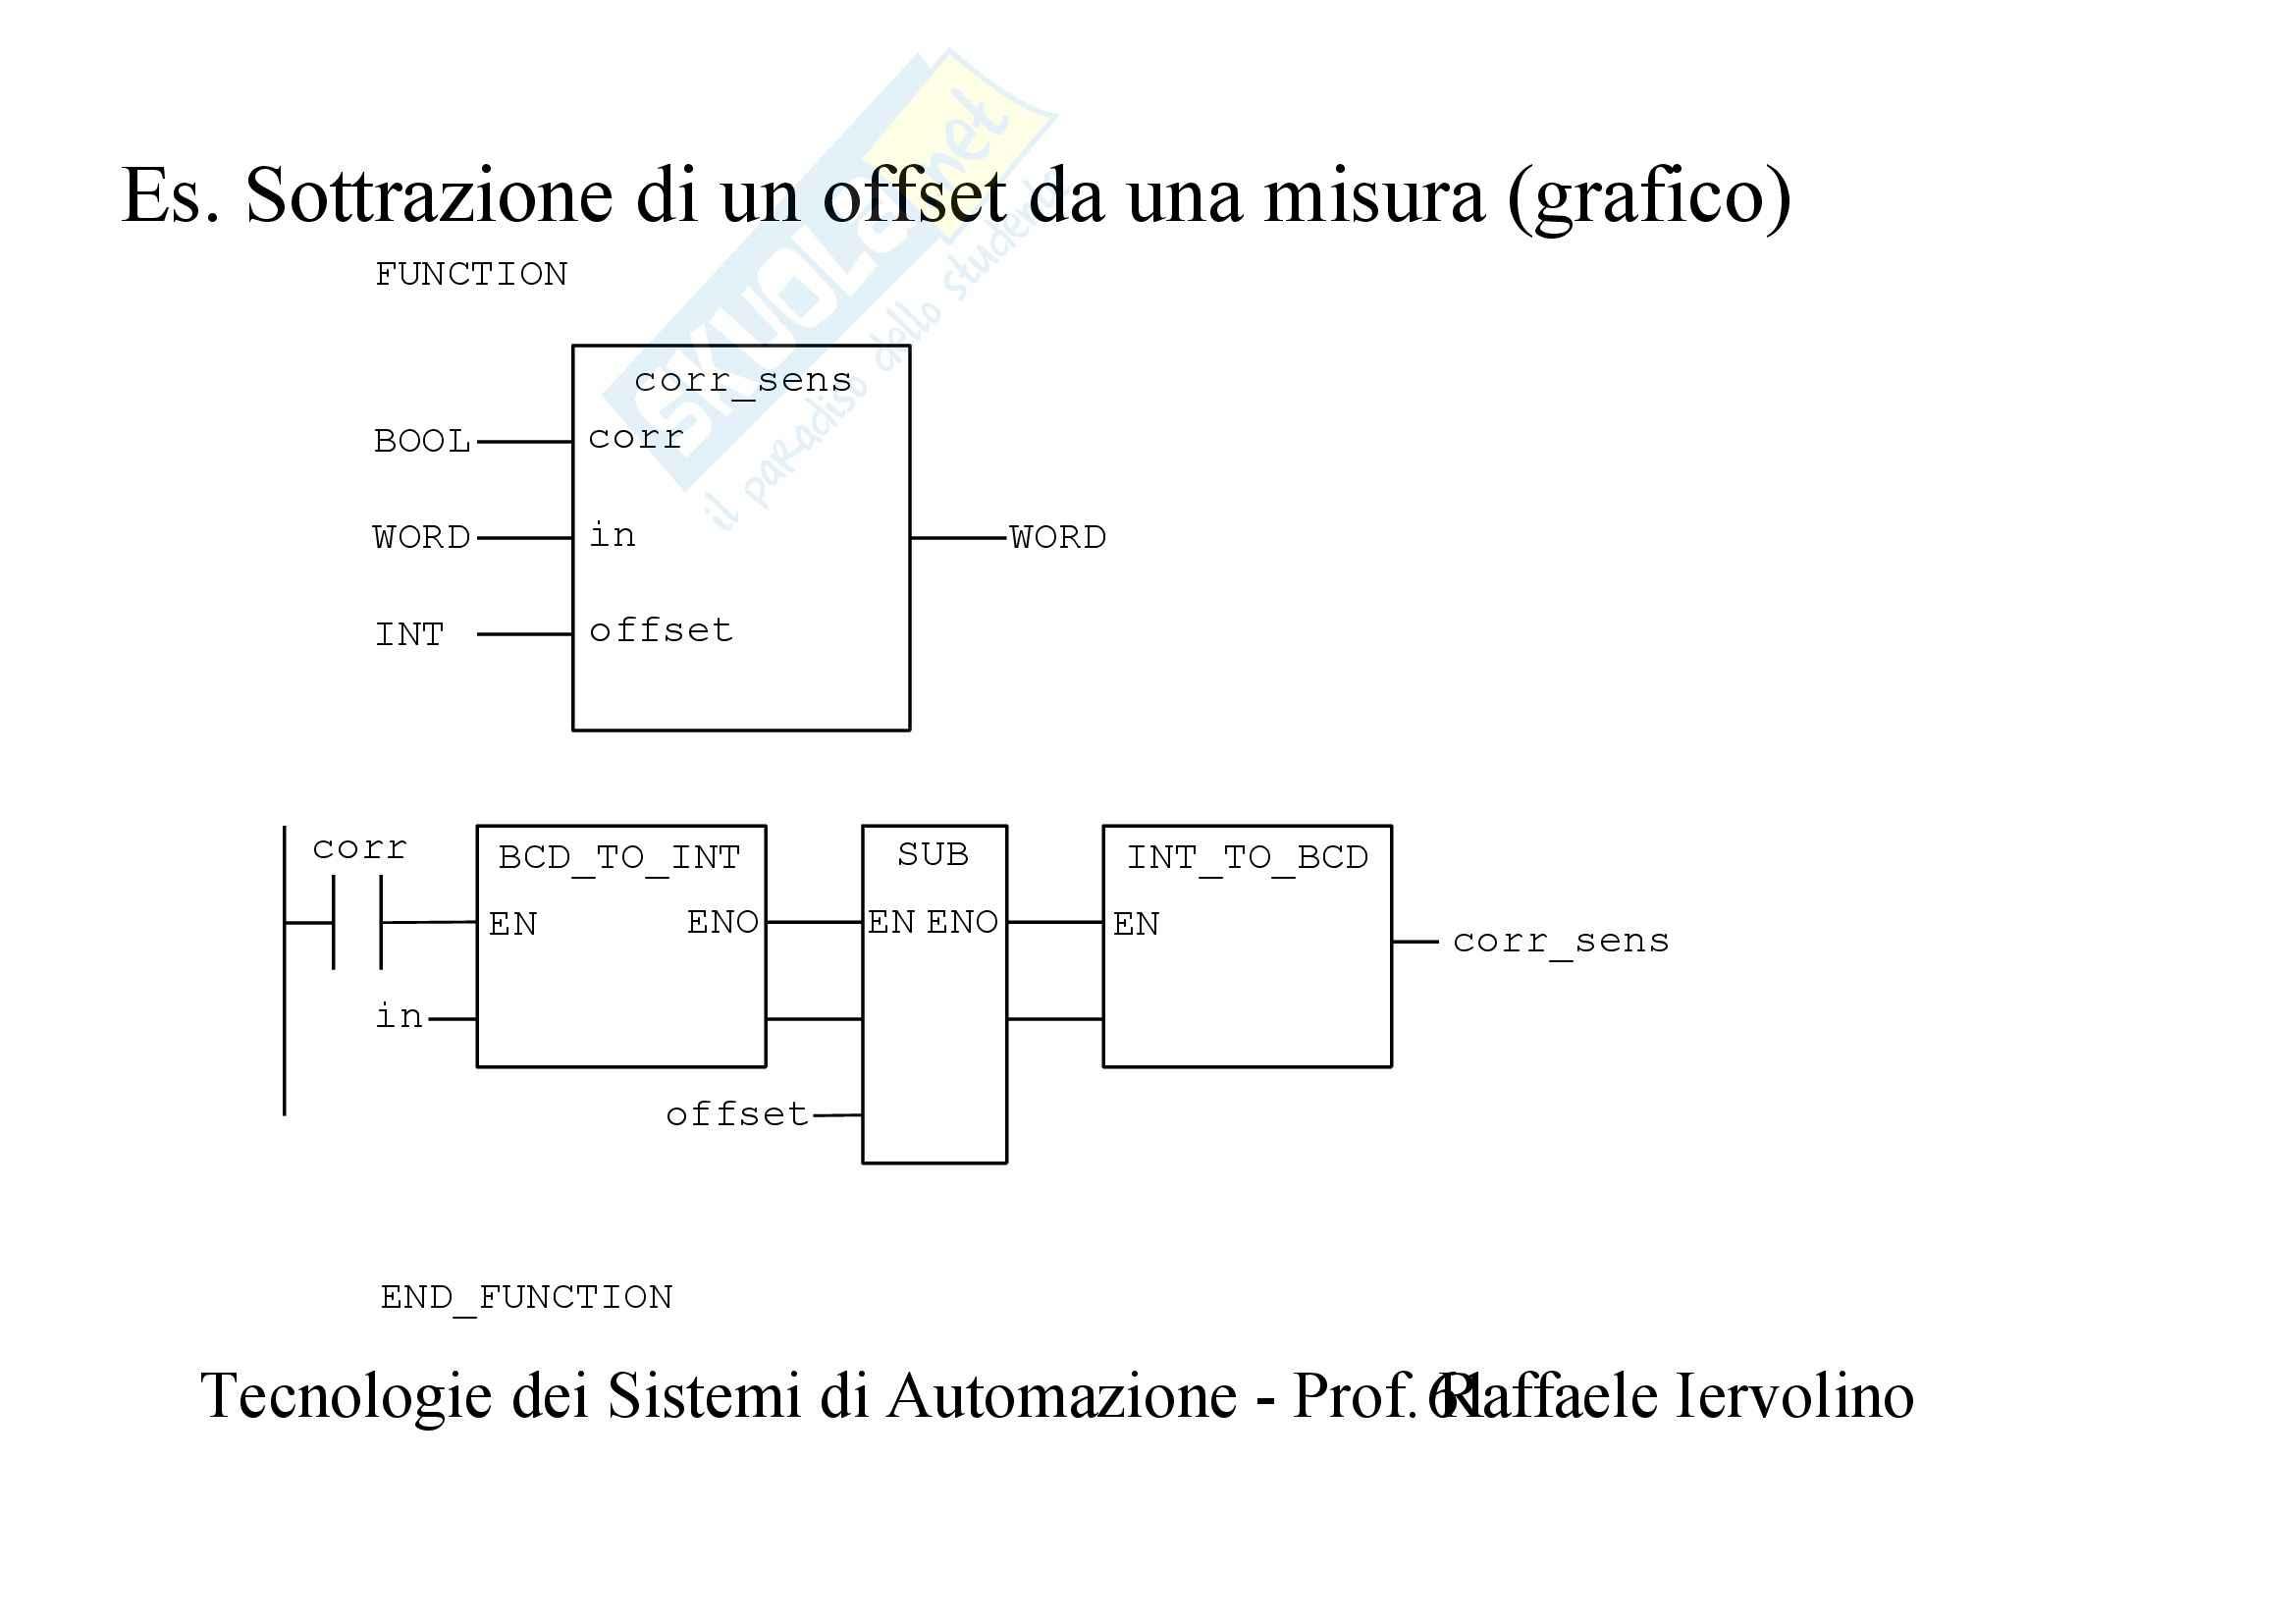 Tecnologie Sistemi Automazione e Controllo – PLC Pag. 61